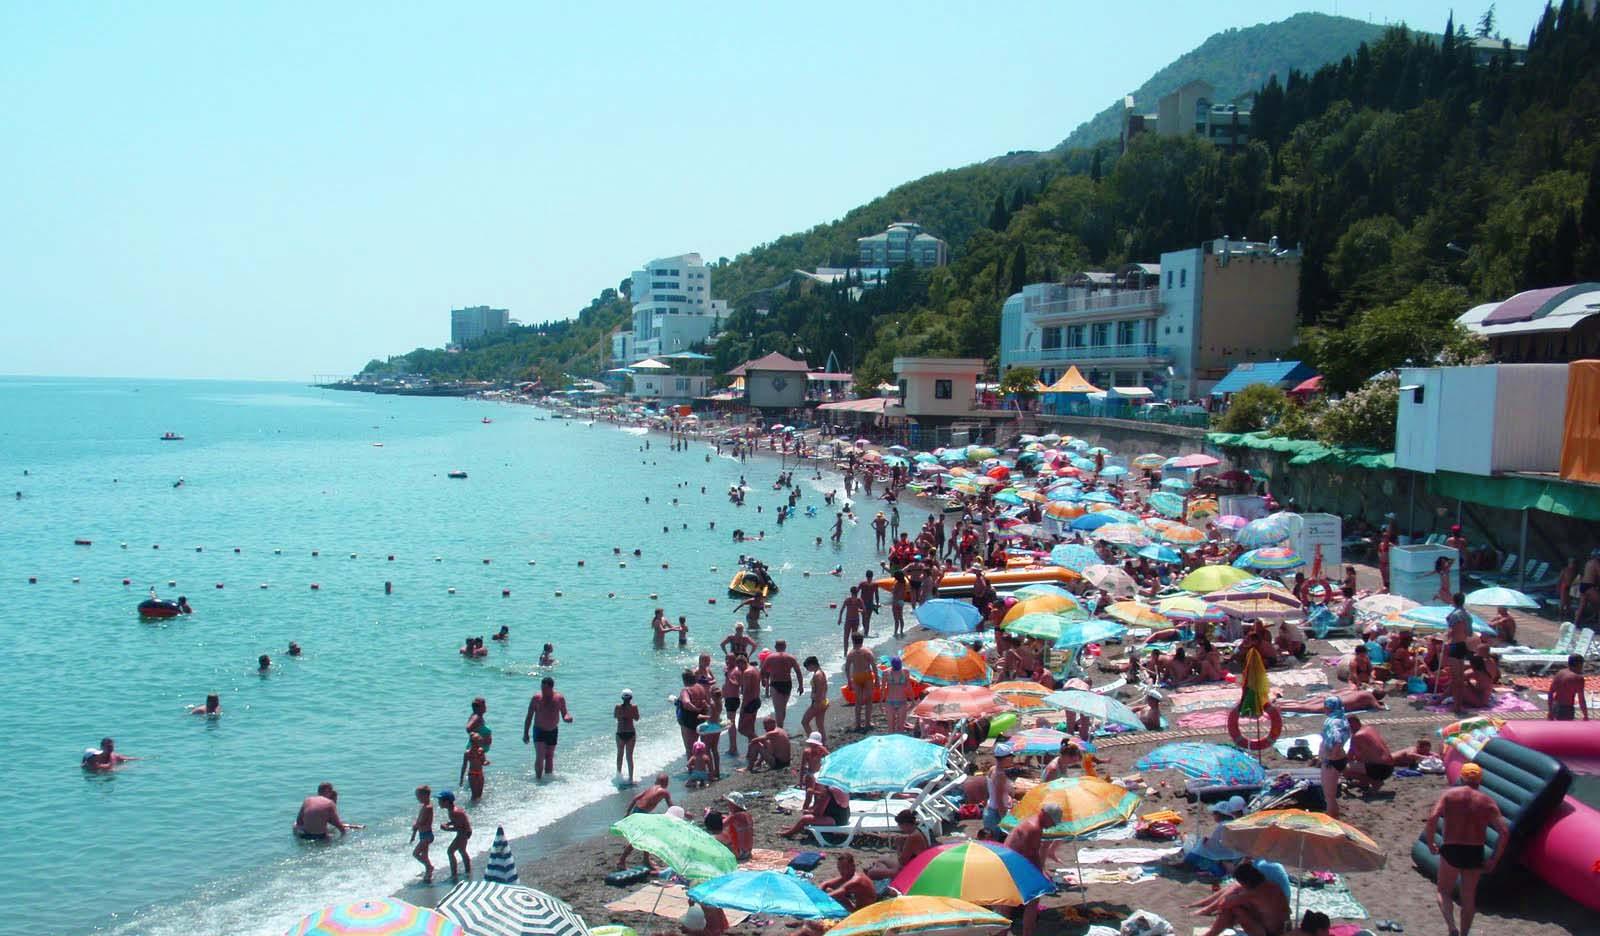 Untouched by civilization picturesque beaches of Crimea 27